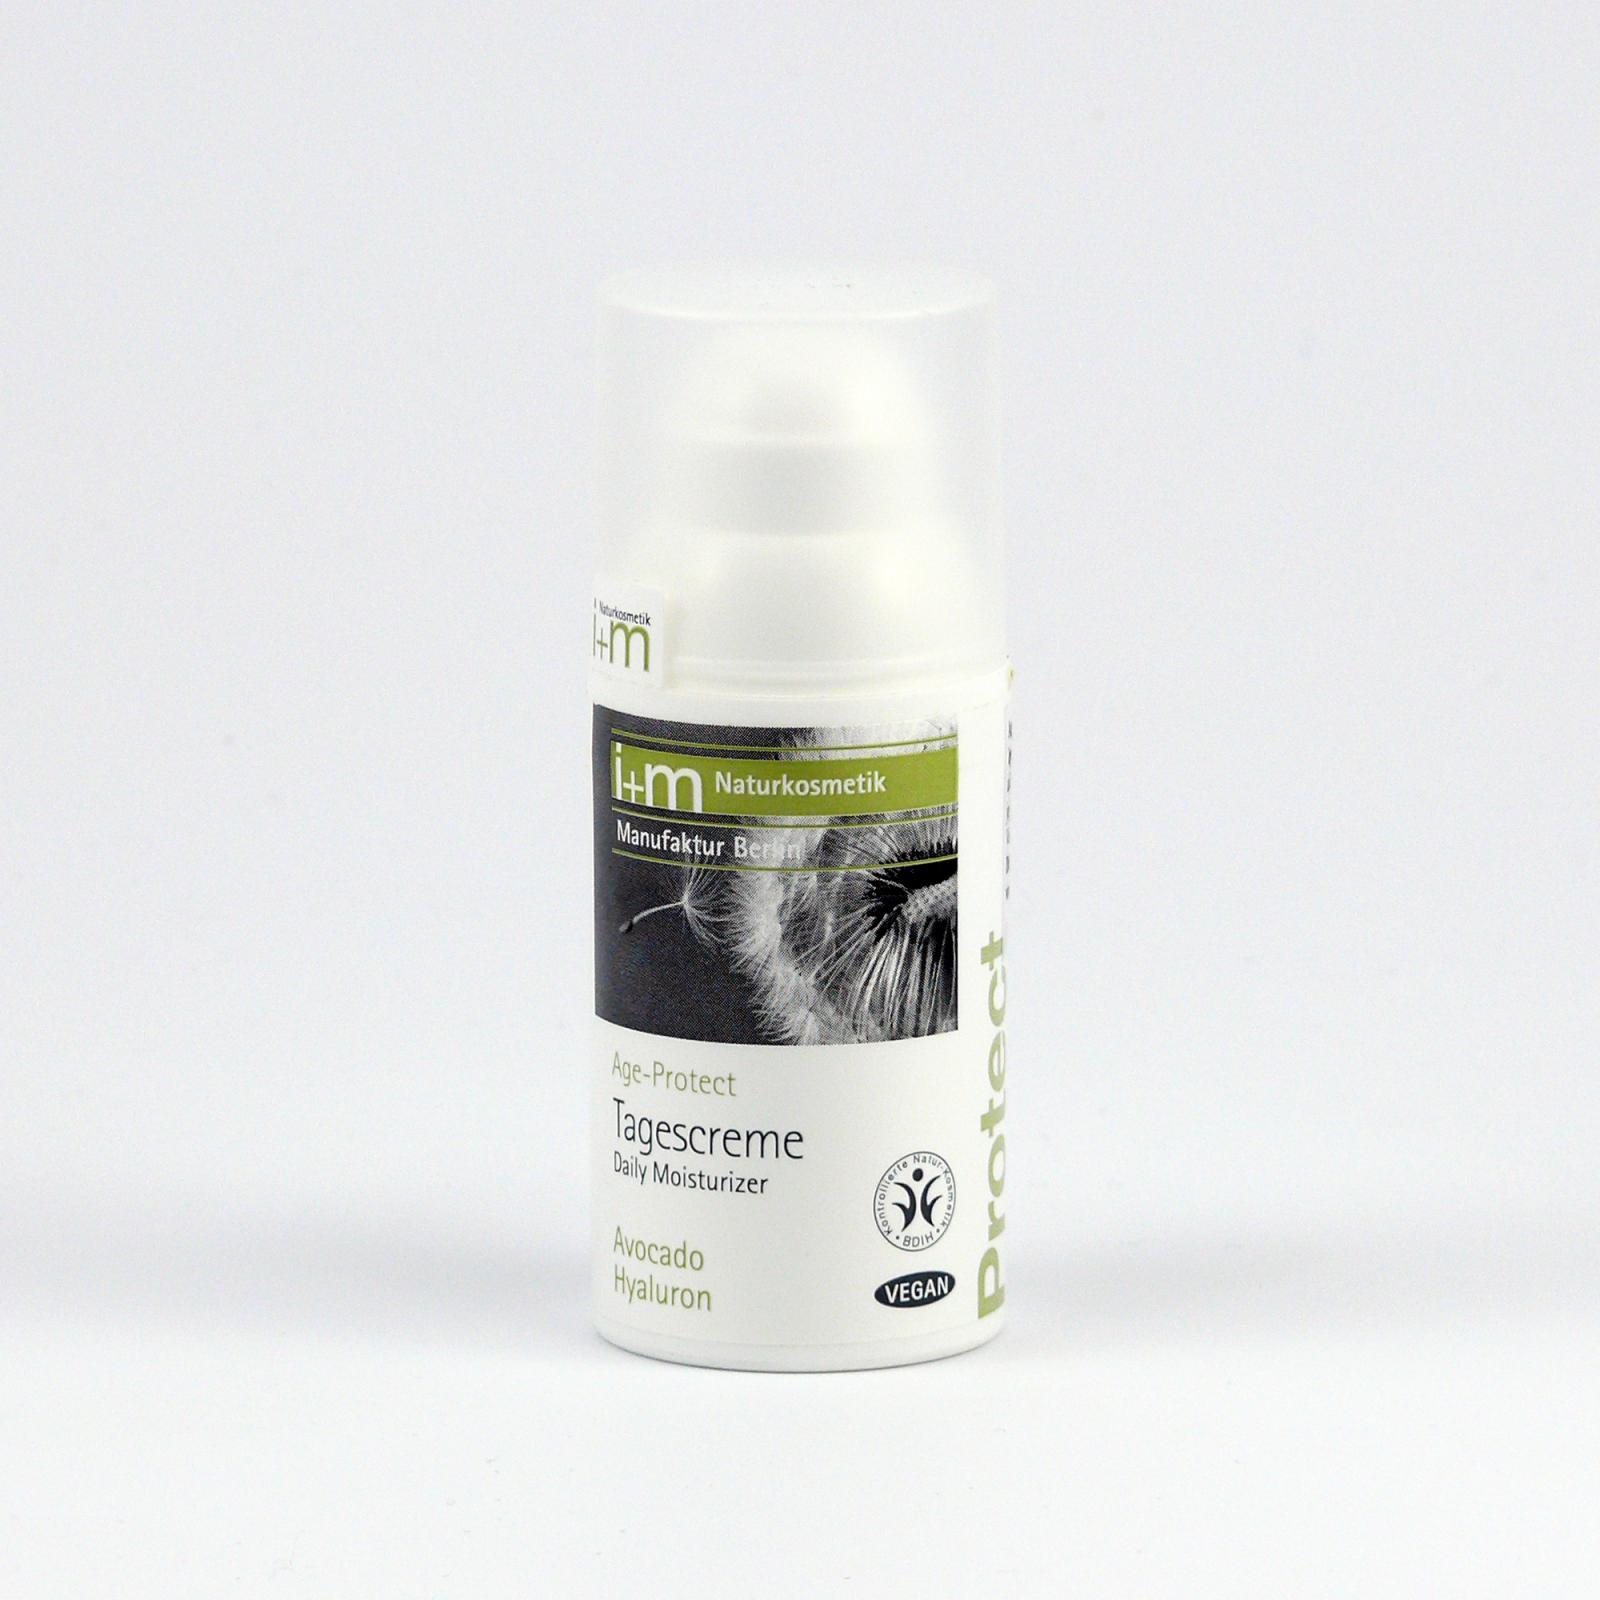 I+M Naturkosmetik Denní krém Age-Protect 30 ml